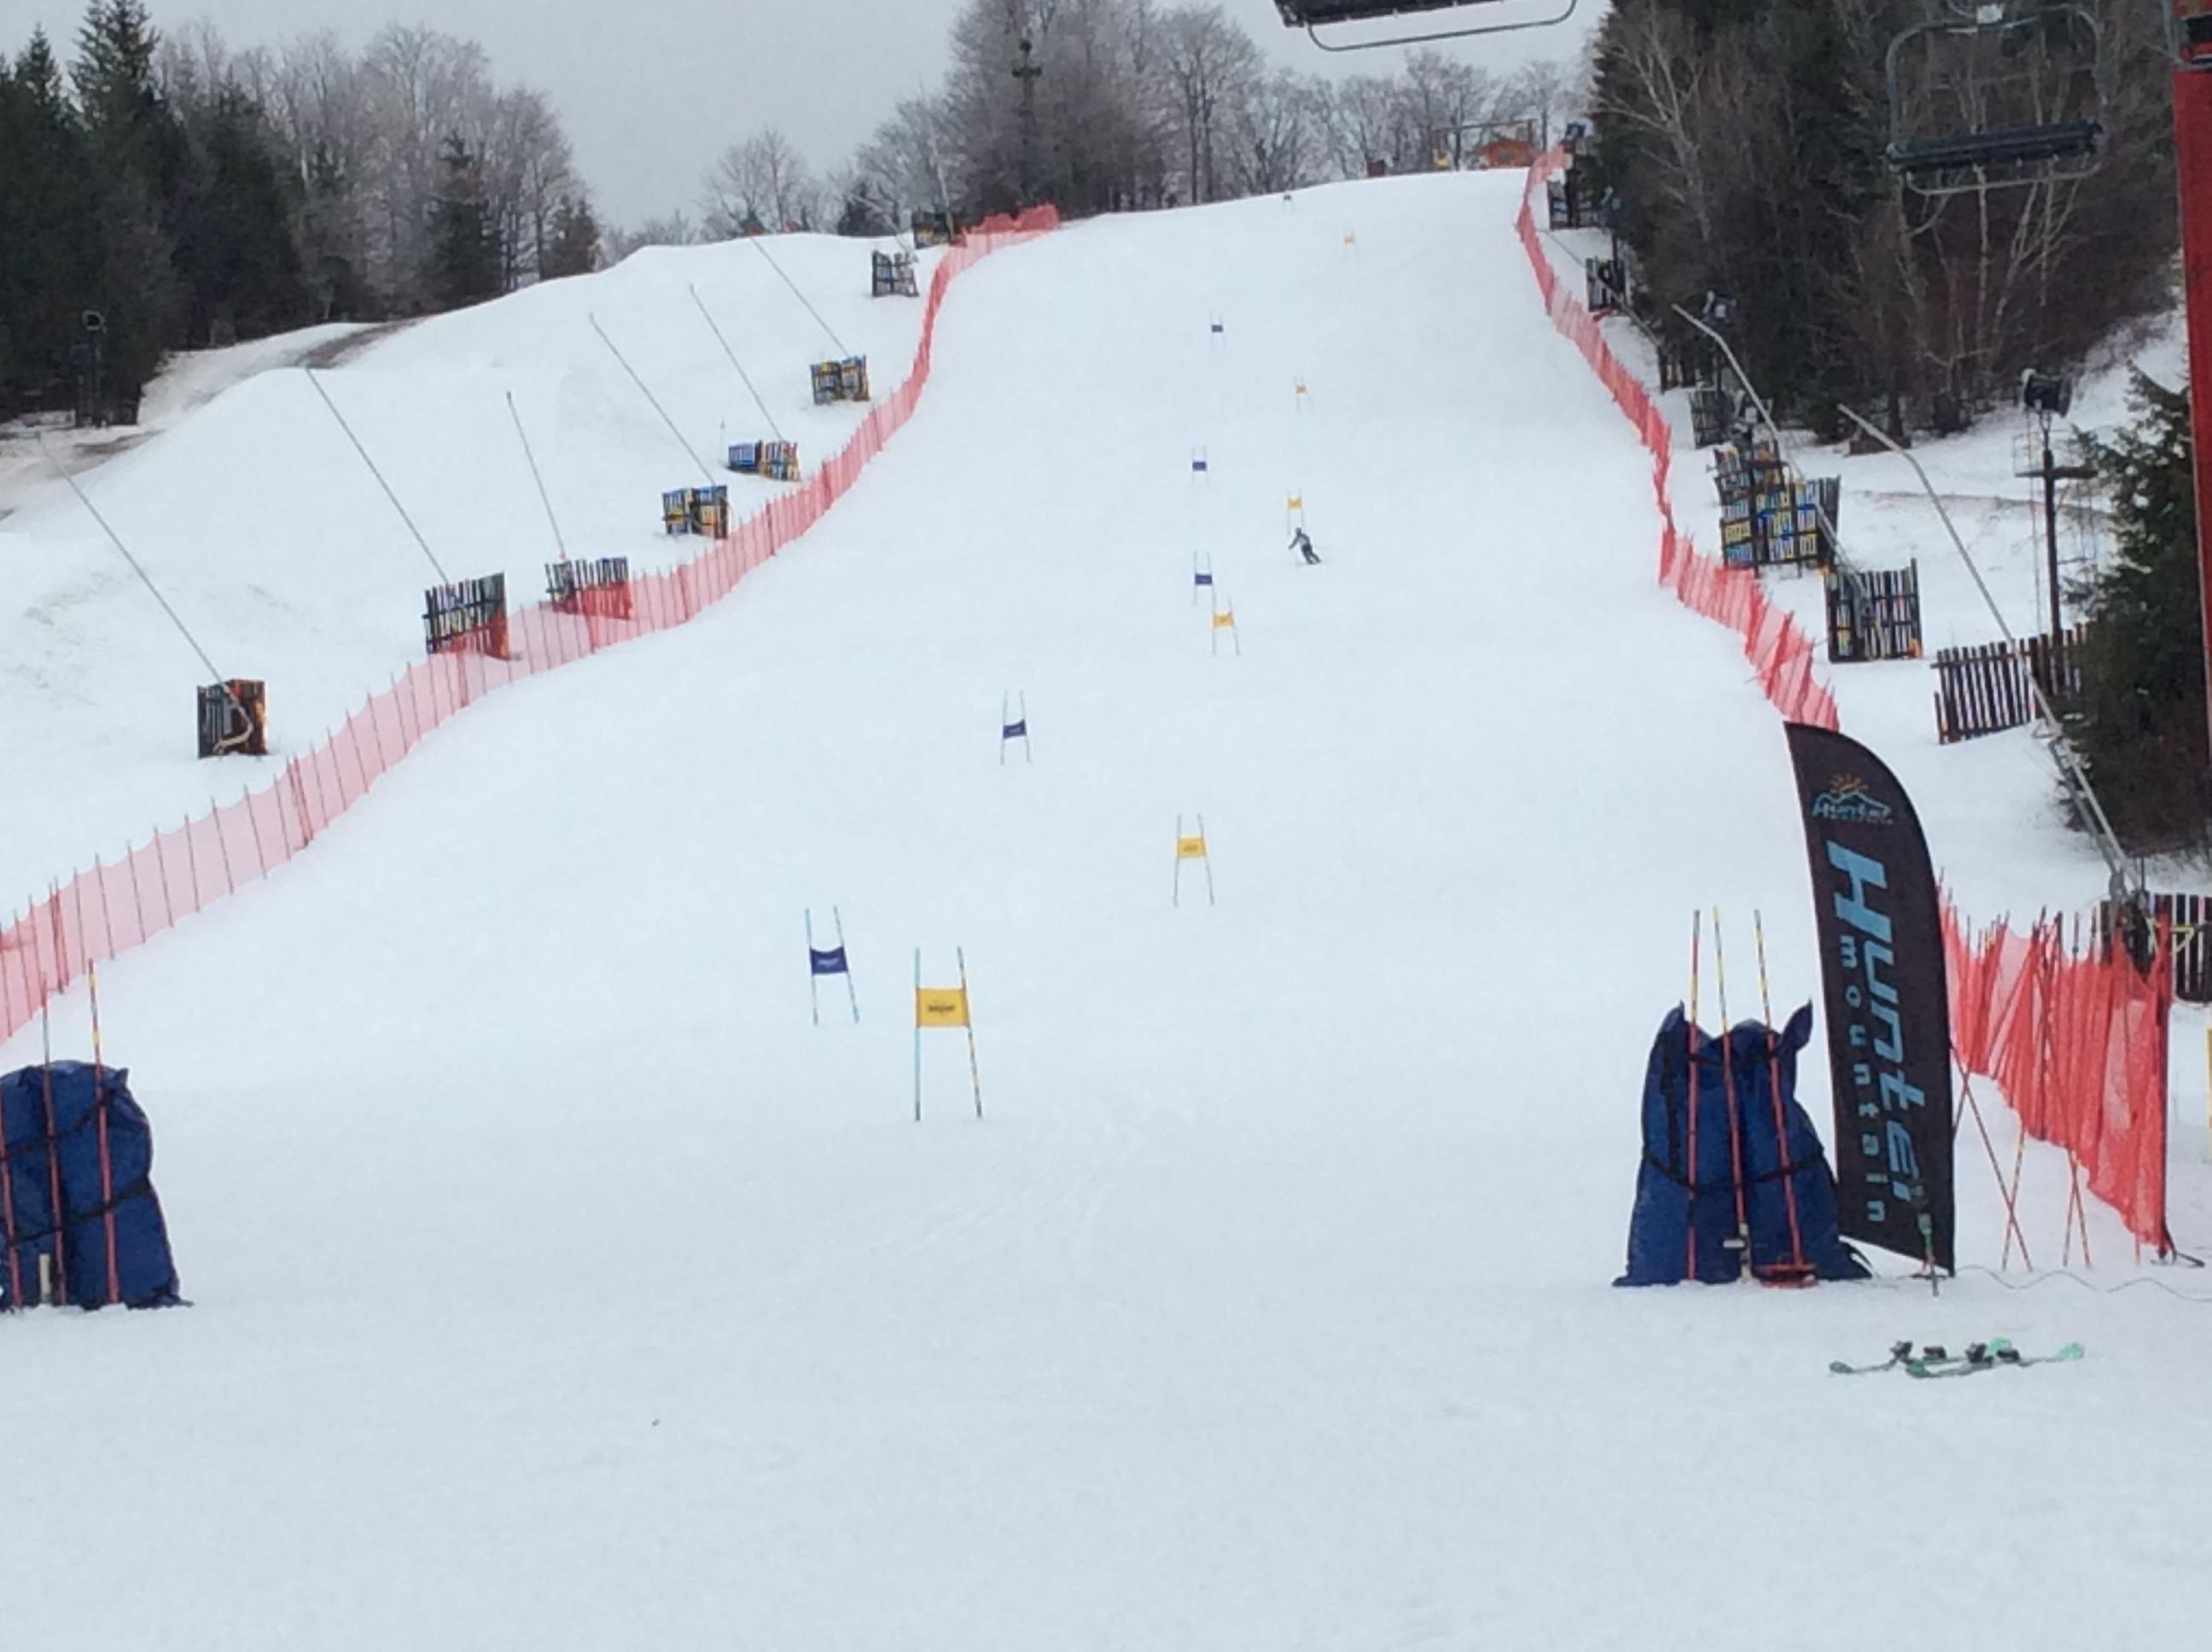 nypd-ski-club_32396143415_o